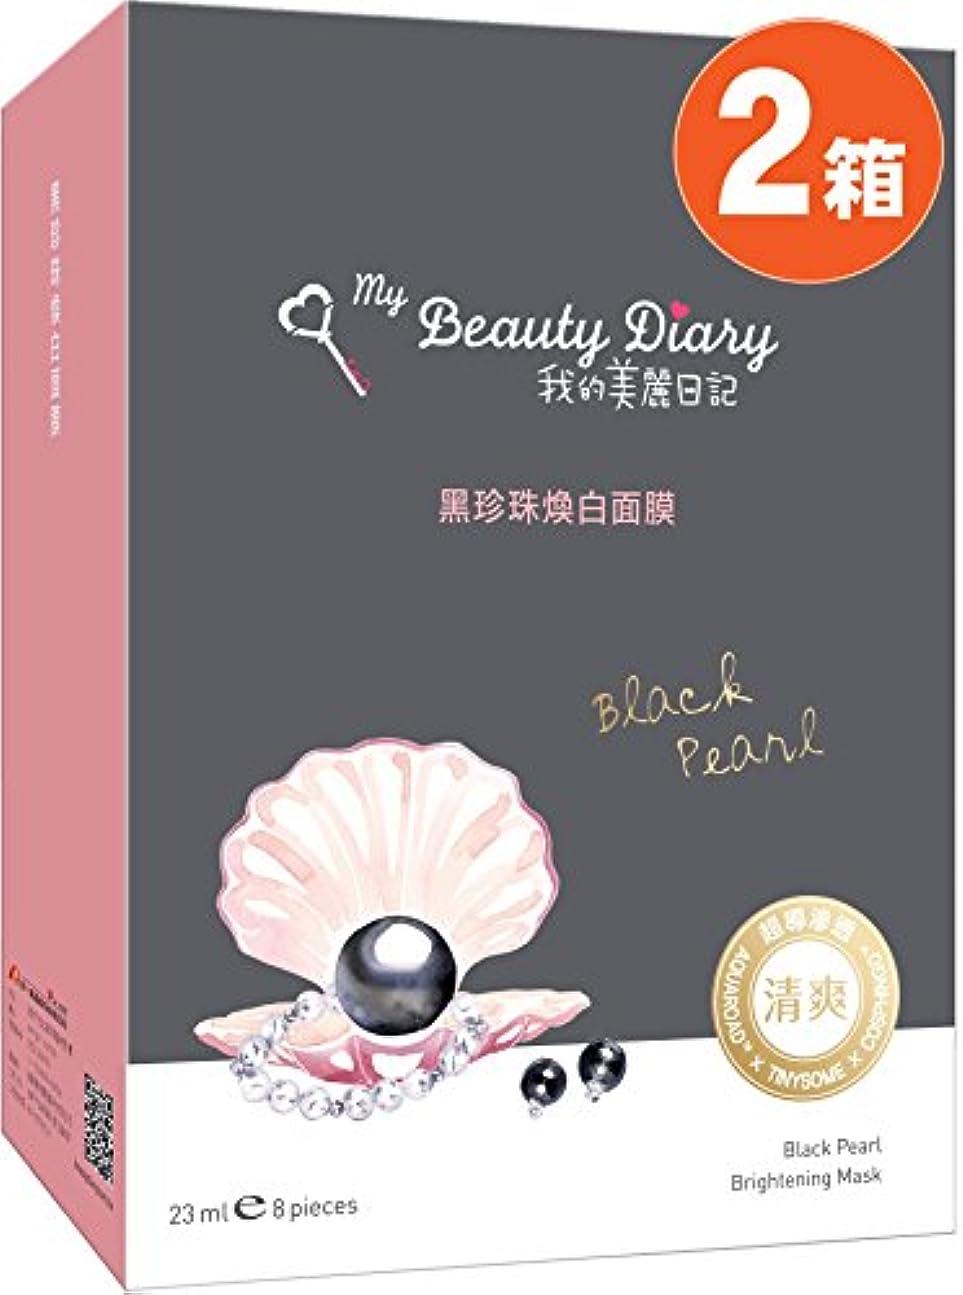 チャールズキージング成功する好ましい我的美麗日記 私のきれい日記 黒真珠マスク 8枚入り x 2個 [並行輸入品]